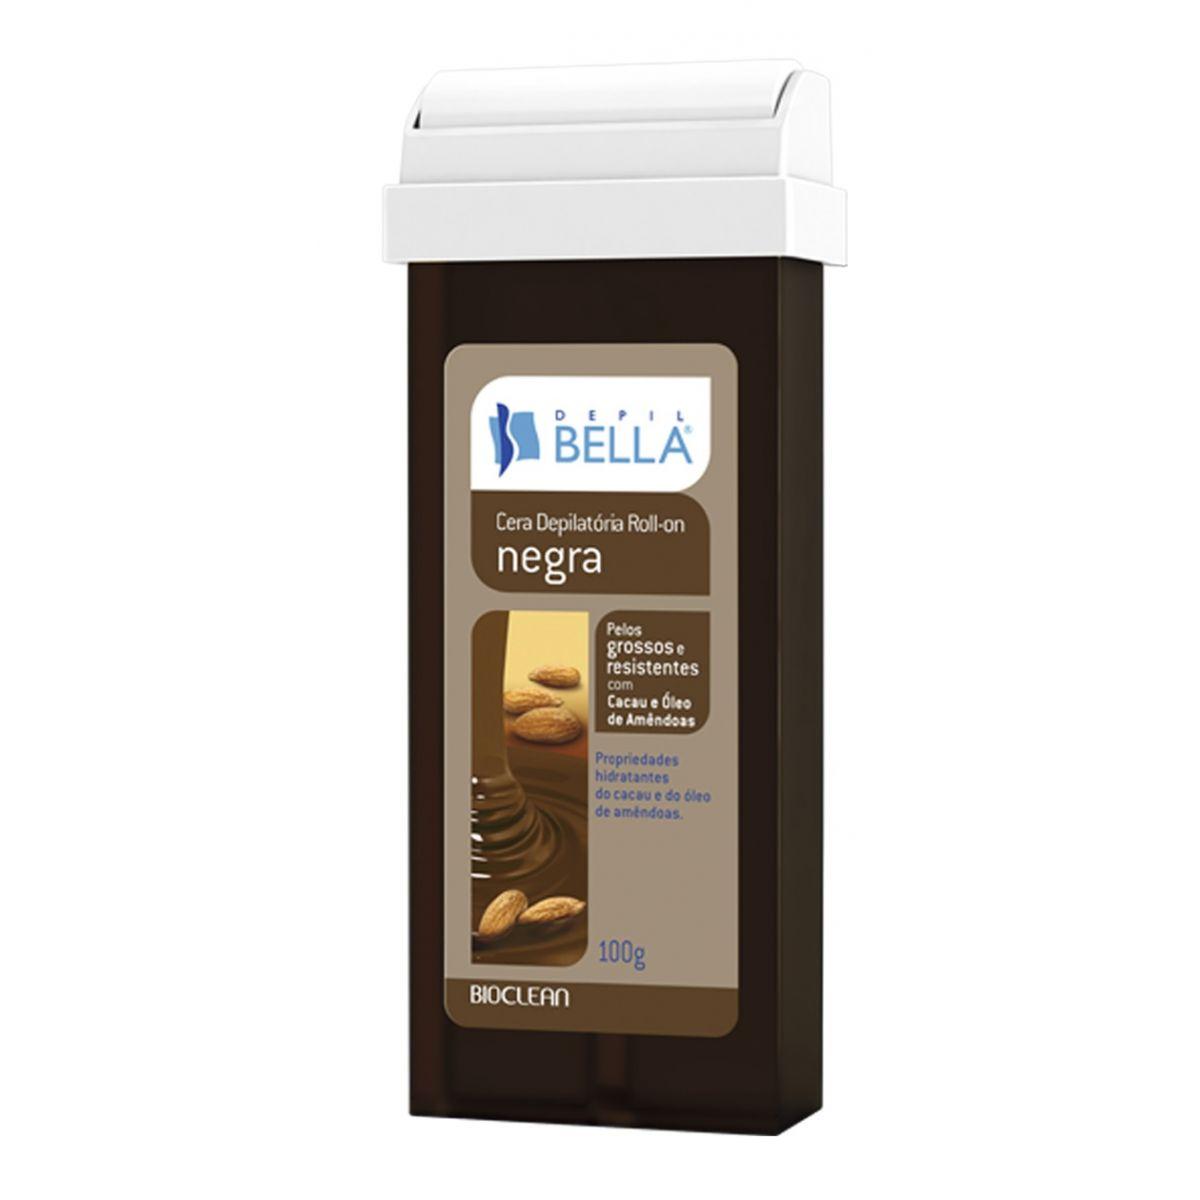 Refil de Cera Roll-on Depil Bella - Negra Pêlos Grossos